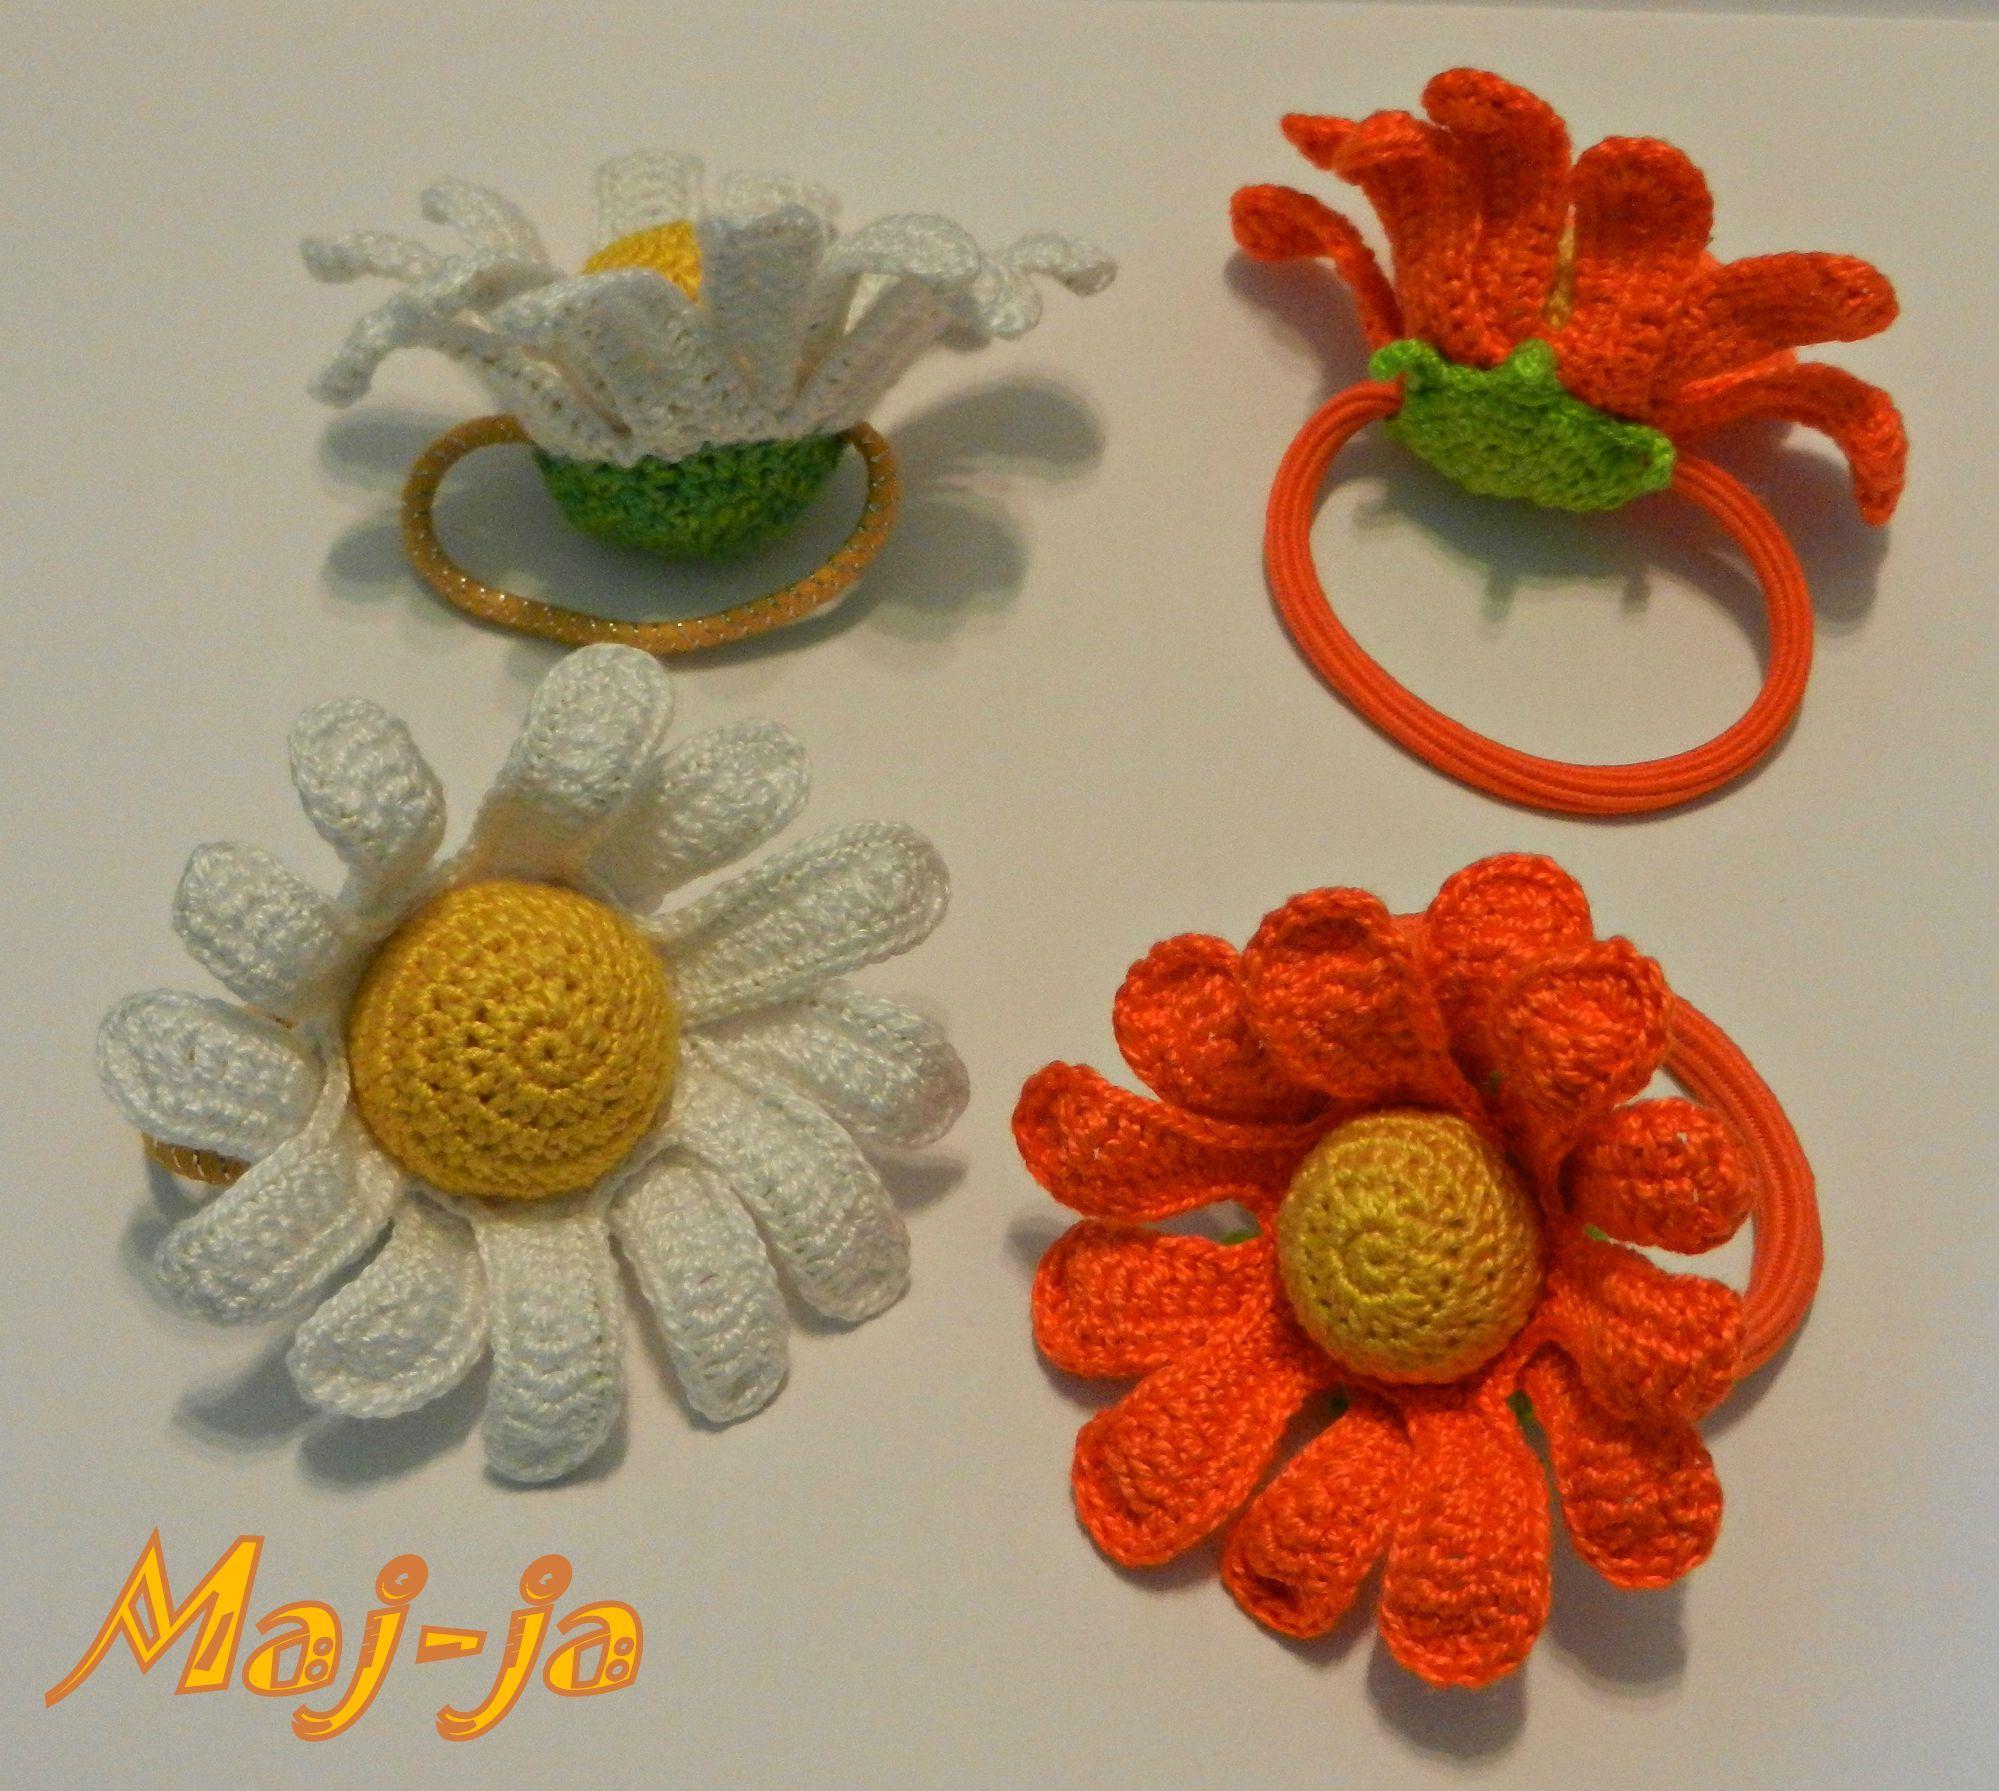 pattern, мастер-класс Резиночка-ромашка крючком. Мастер-класс состоит из подробного описания и 49 фотографий пошагового изготовления цветочка-ромашки. И как оформления  такого  цветочка в оригинальную, аккуратно сделанную заколку.